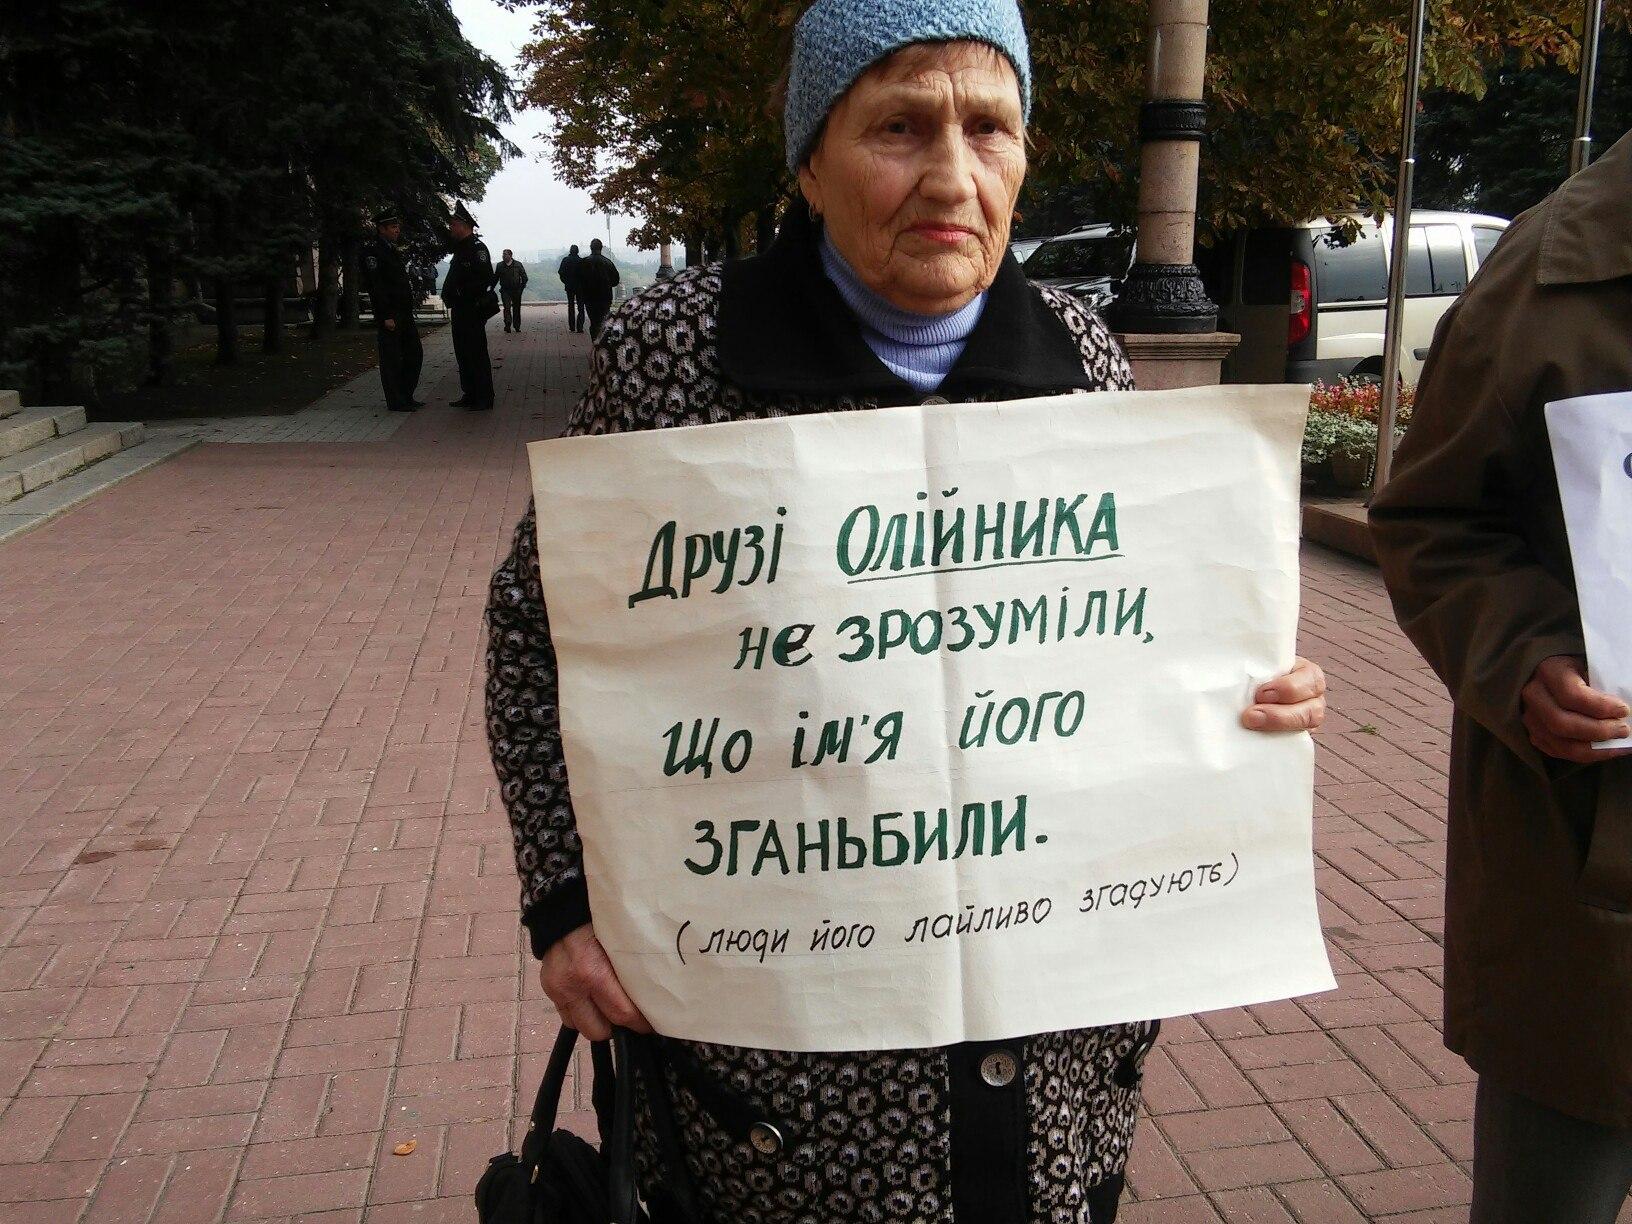 У Миколаєві пікетують міськраду: опоблоківку, що зневажає АТО, назвали мерзотою - фото 3